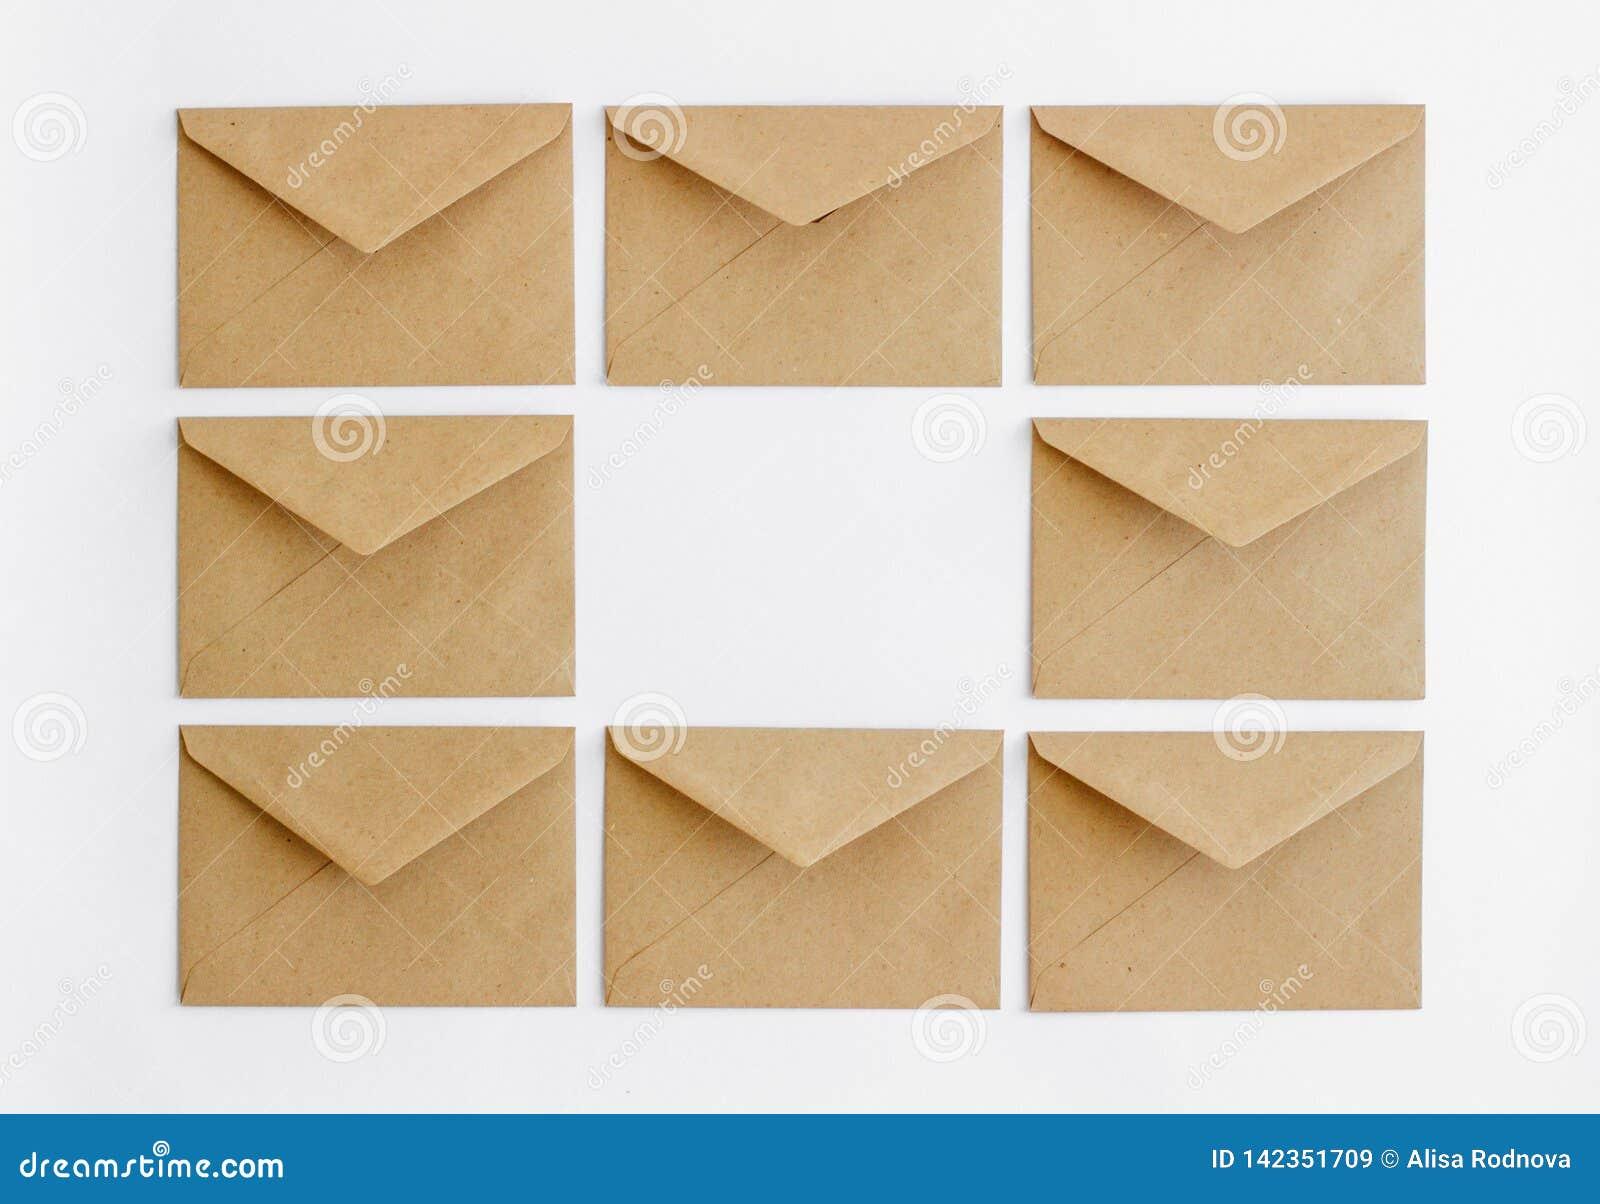 在白色背景的卡拉服特邮政信封